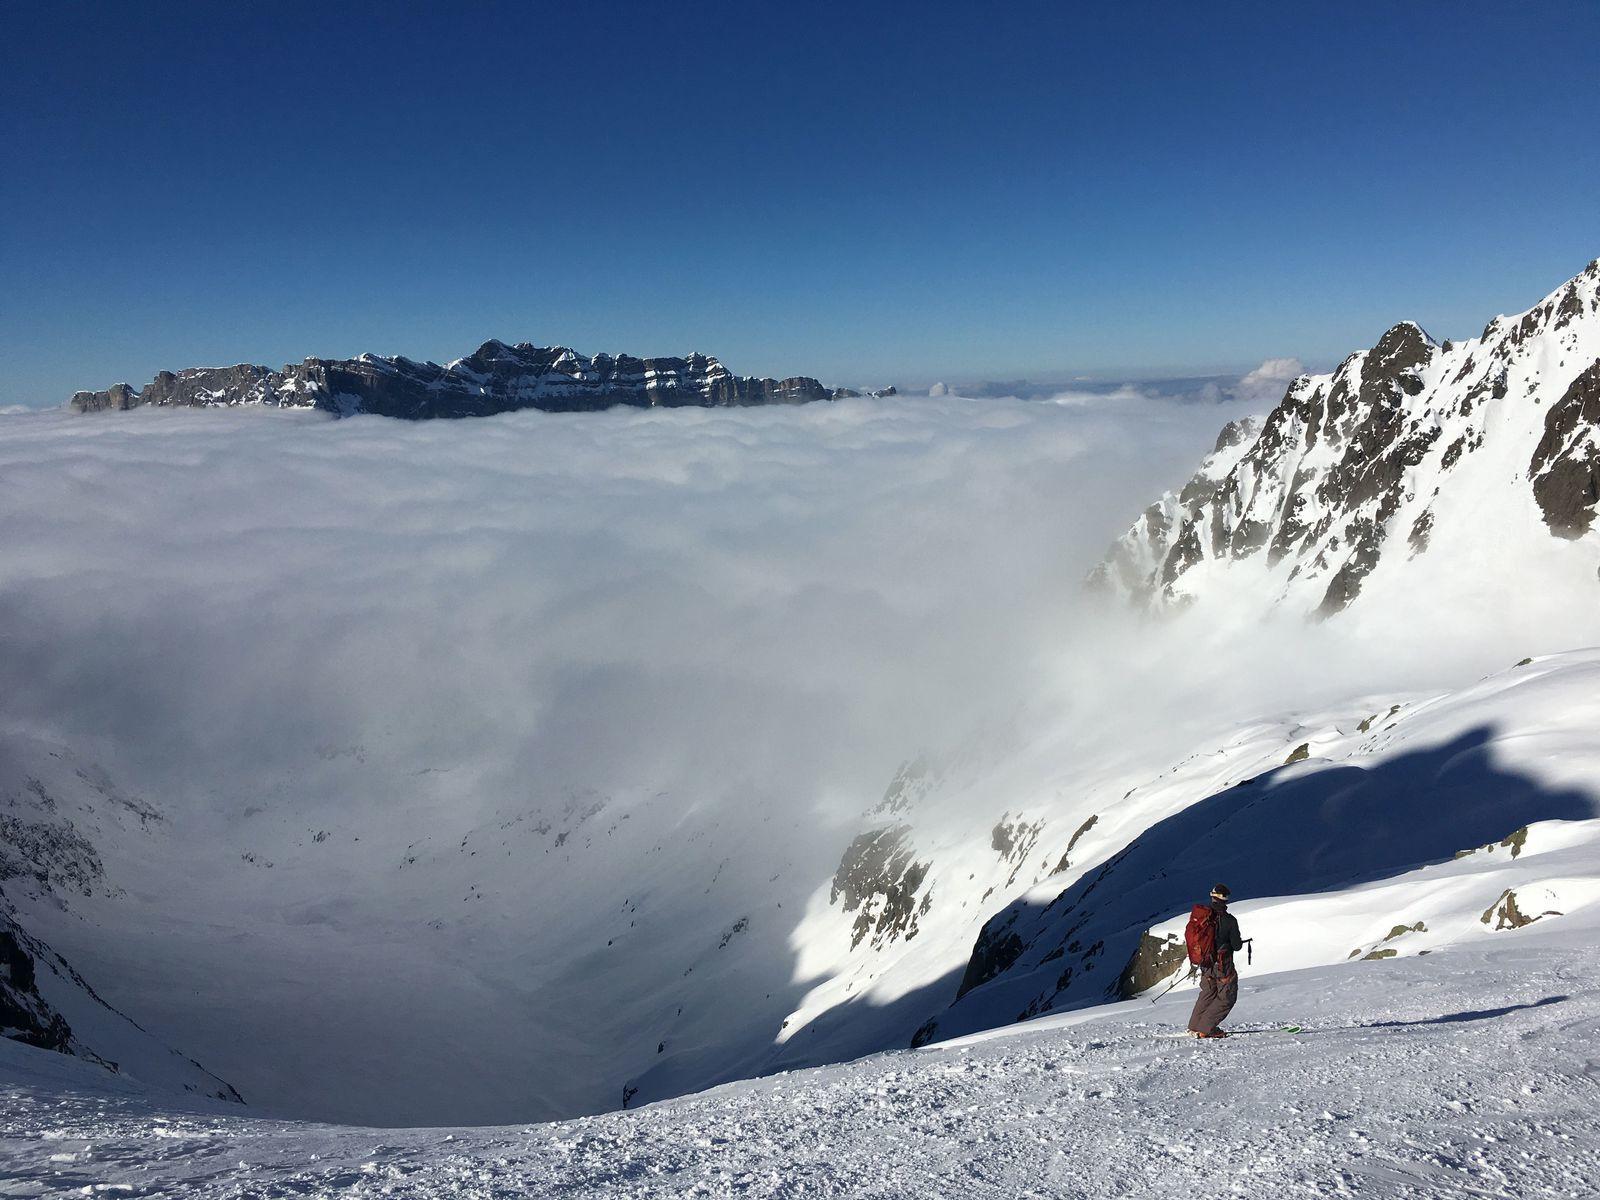 Hhttp://www.geromegualaguidechamonix.com  Hors pistes, Free Ride, randonnée à ski. à Chamonix mont Blanc et Courmayeur